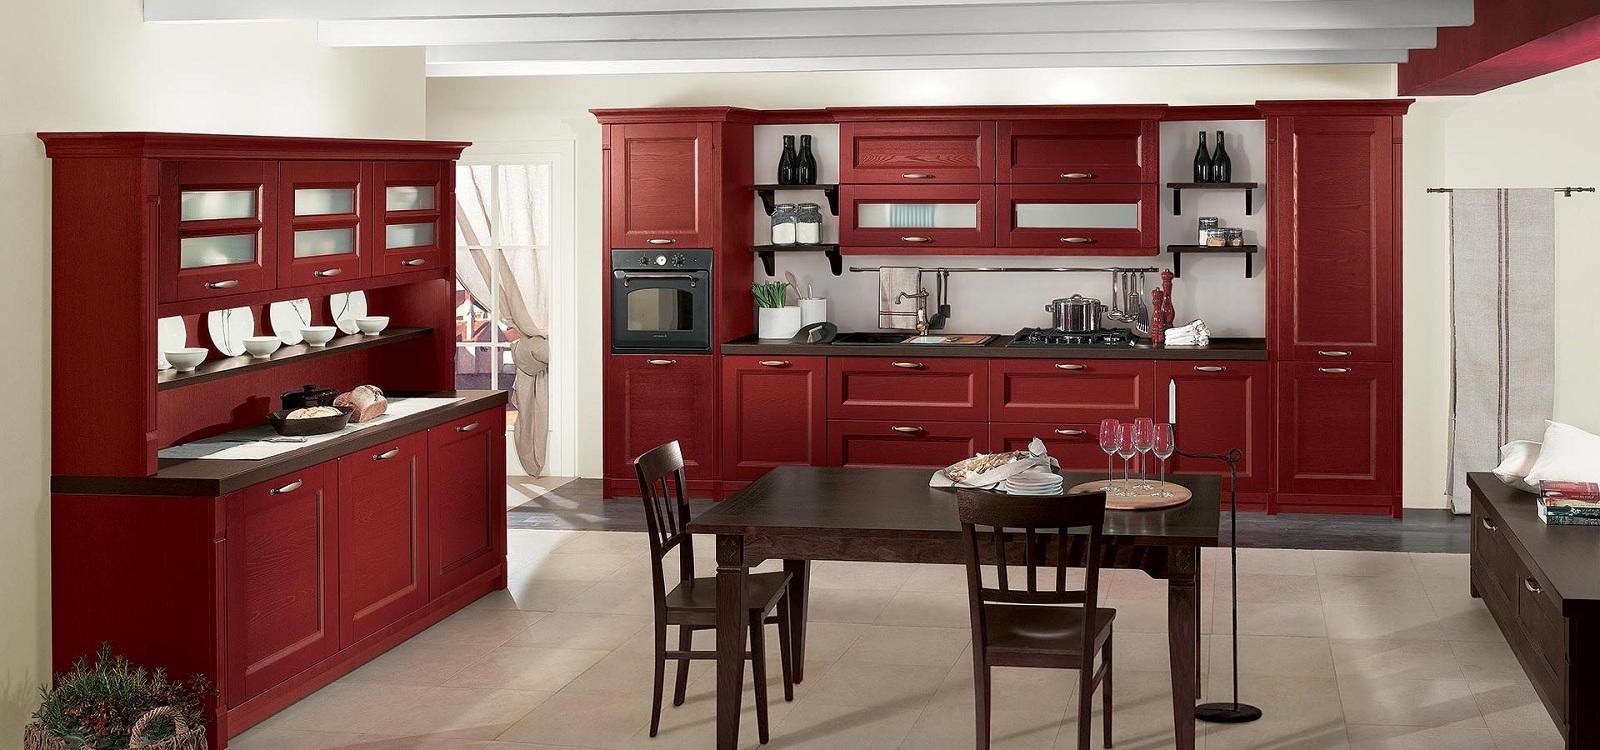 Бордовая кухня в классическом стиле